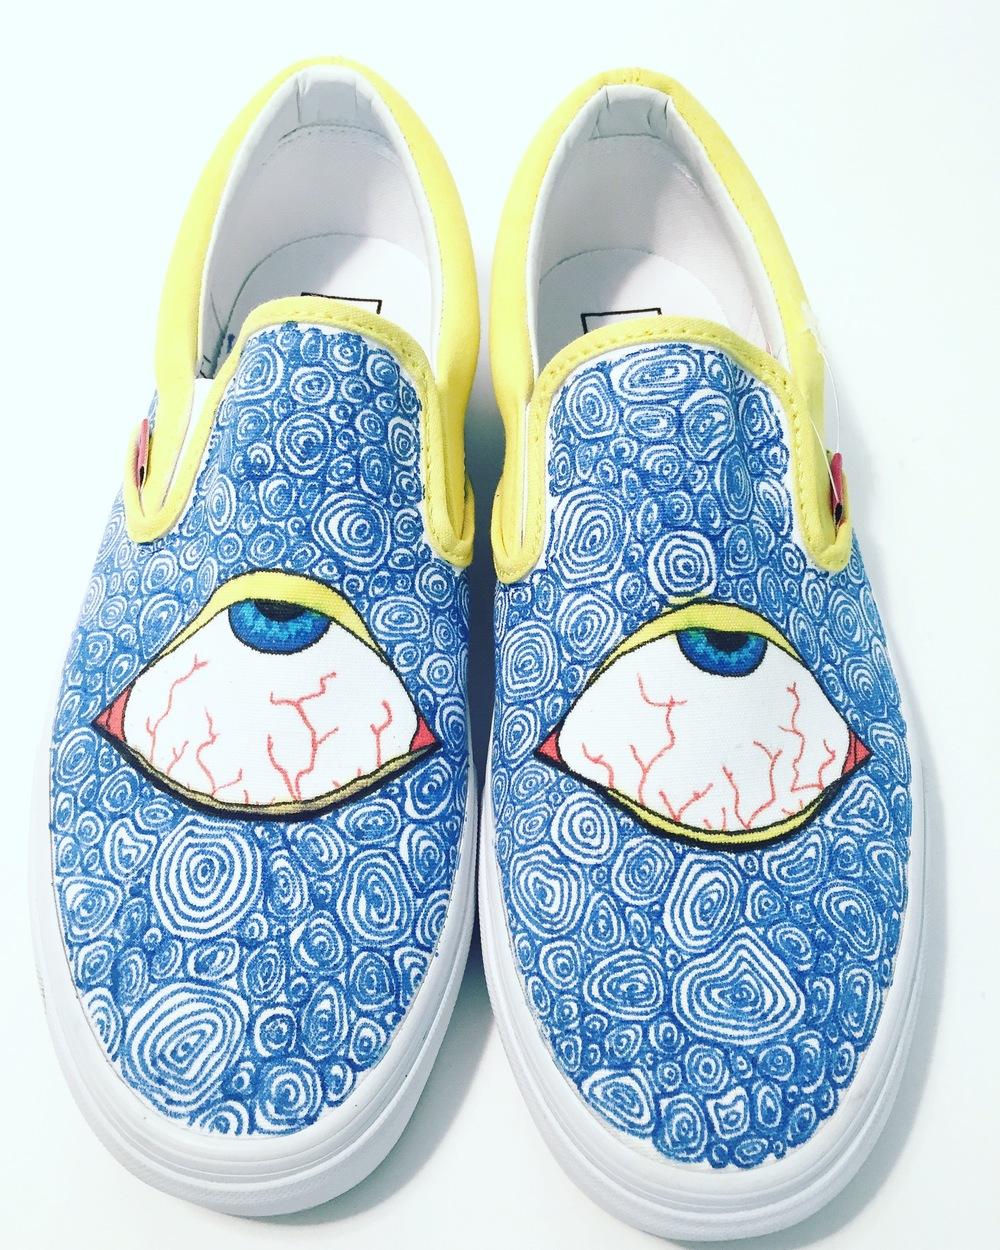 Drawn vans unique Custom Zenith Culture Shoe IMG_7963